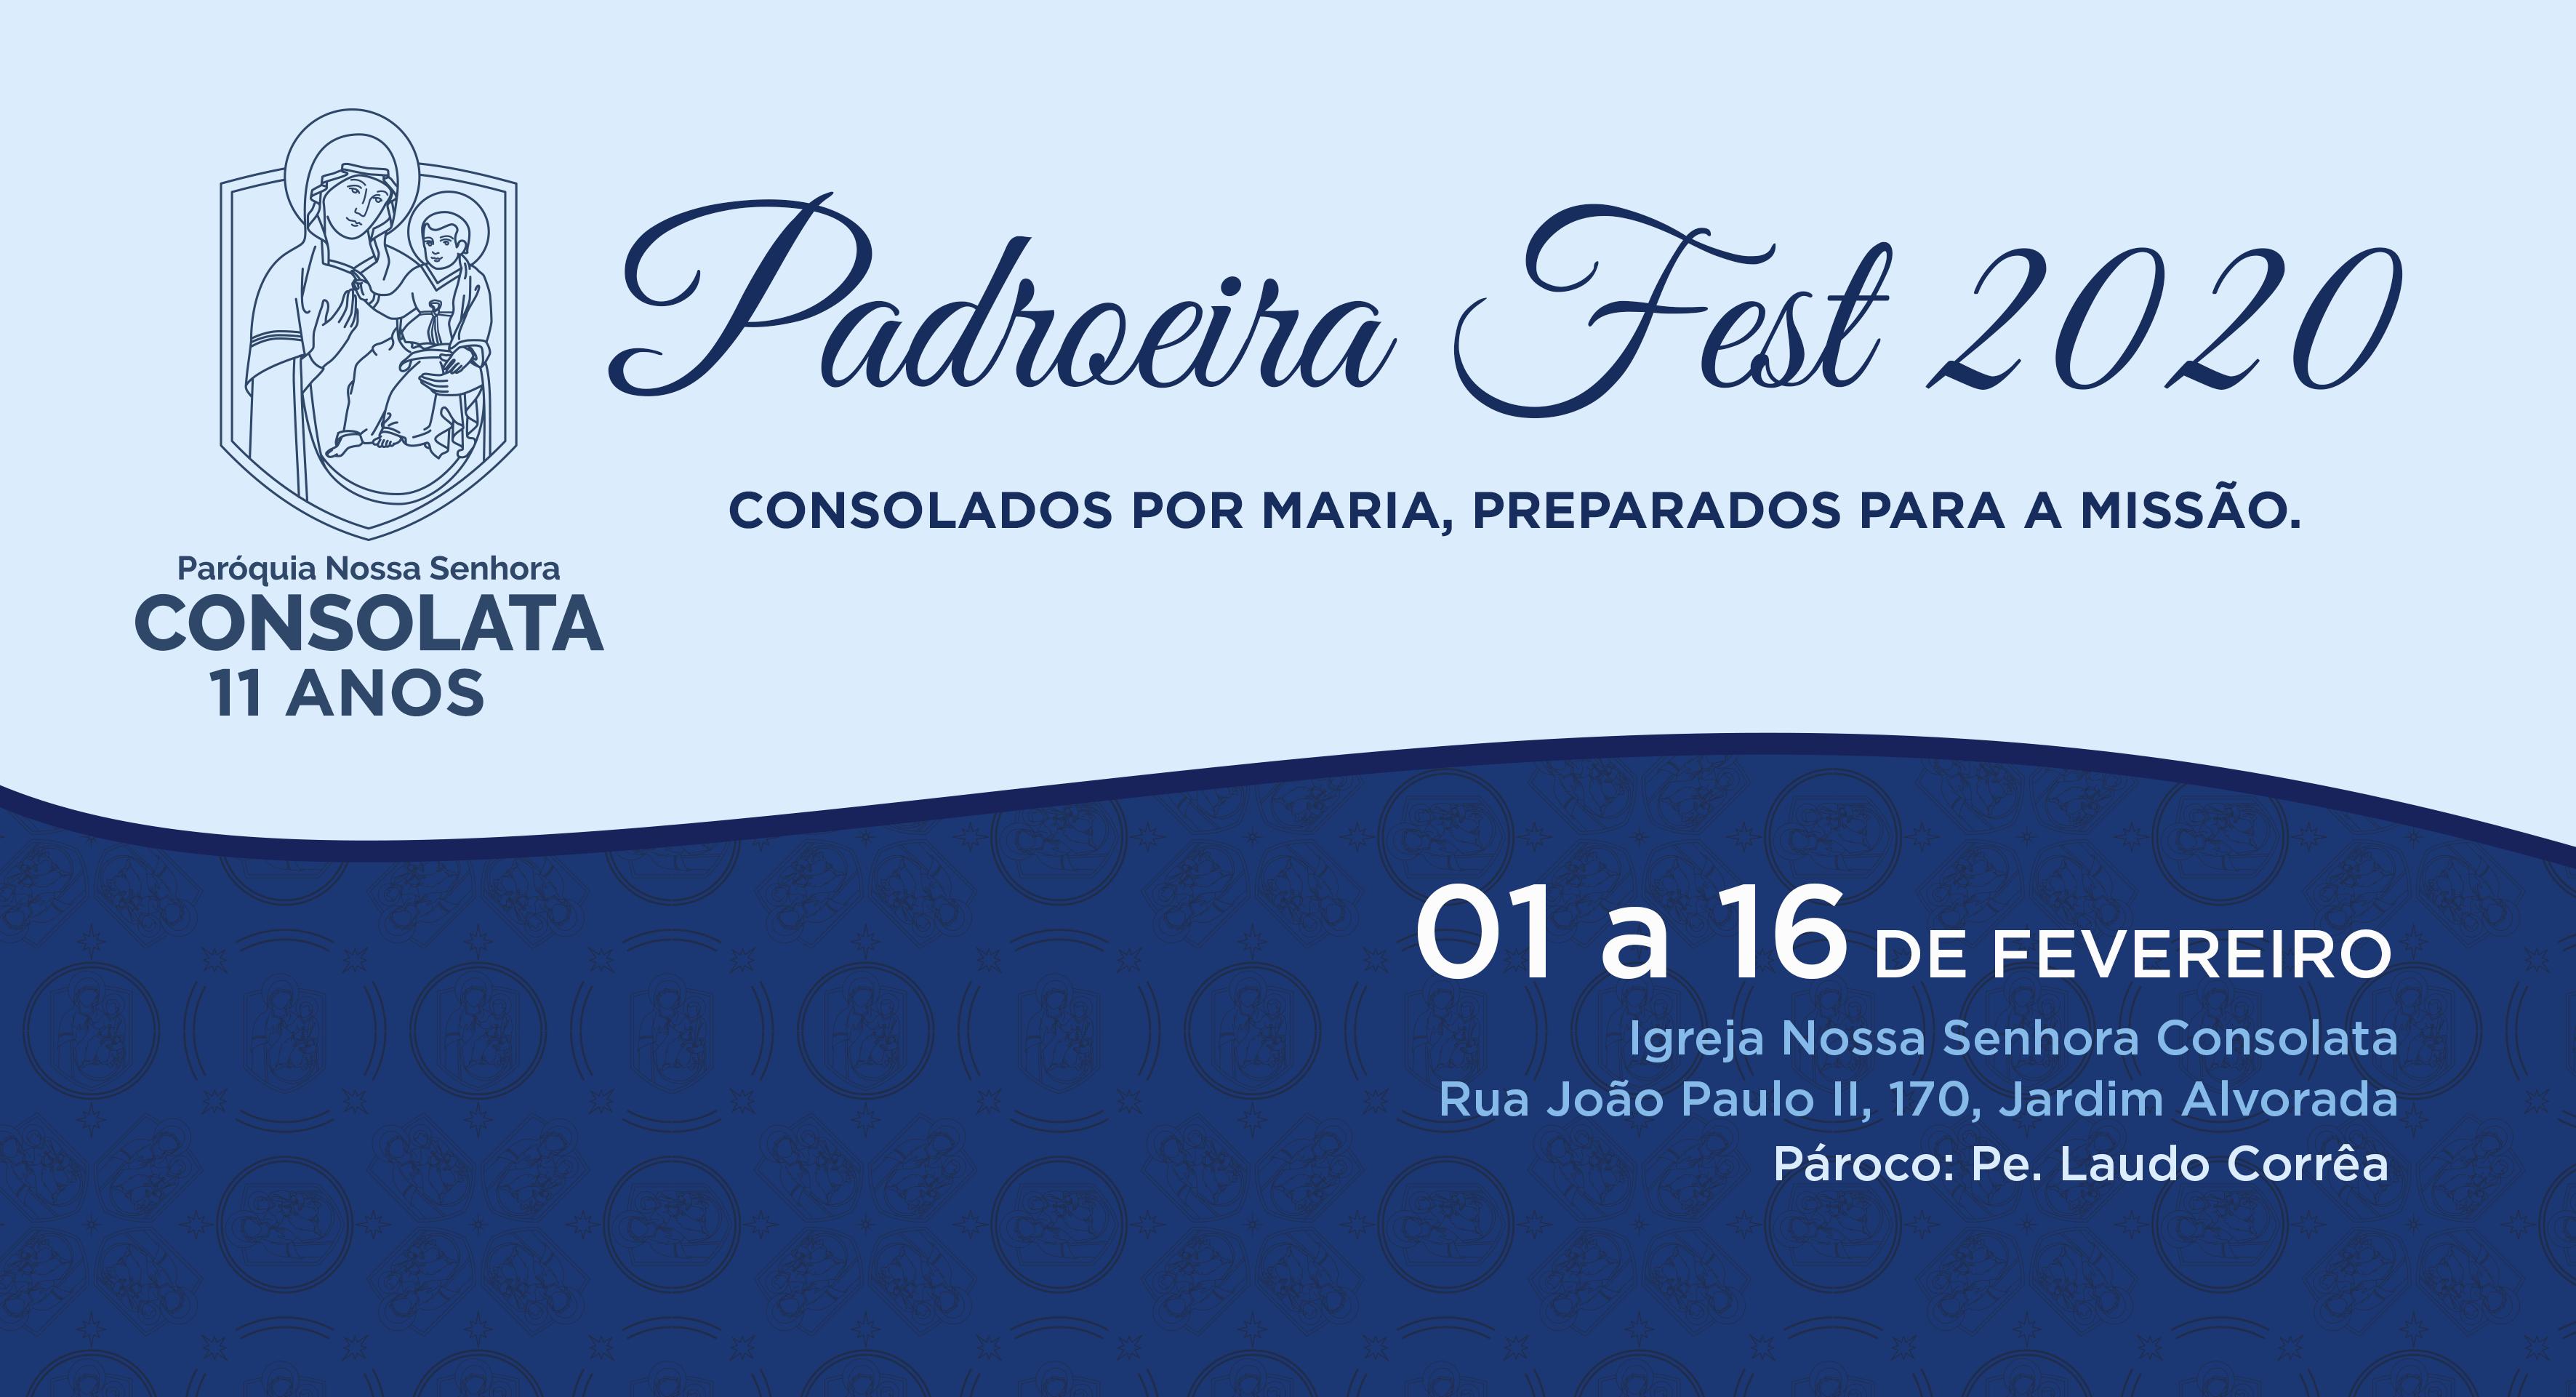 Paróquia Nossa Senhora Consolata comemora 11 anos de criação em São Manuel